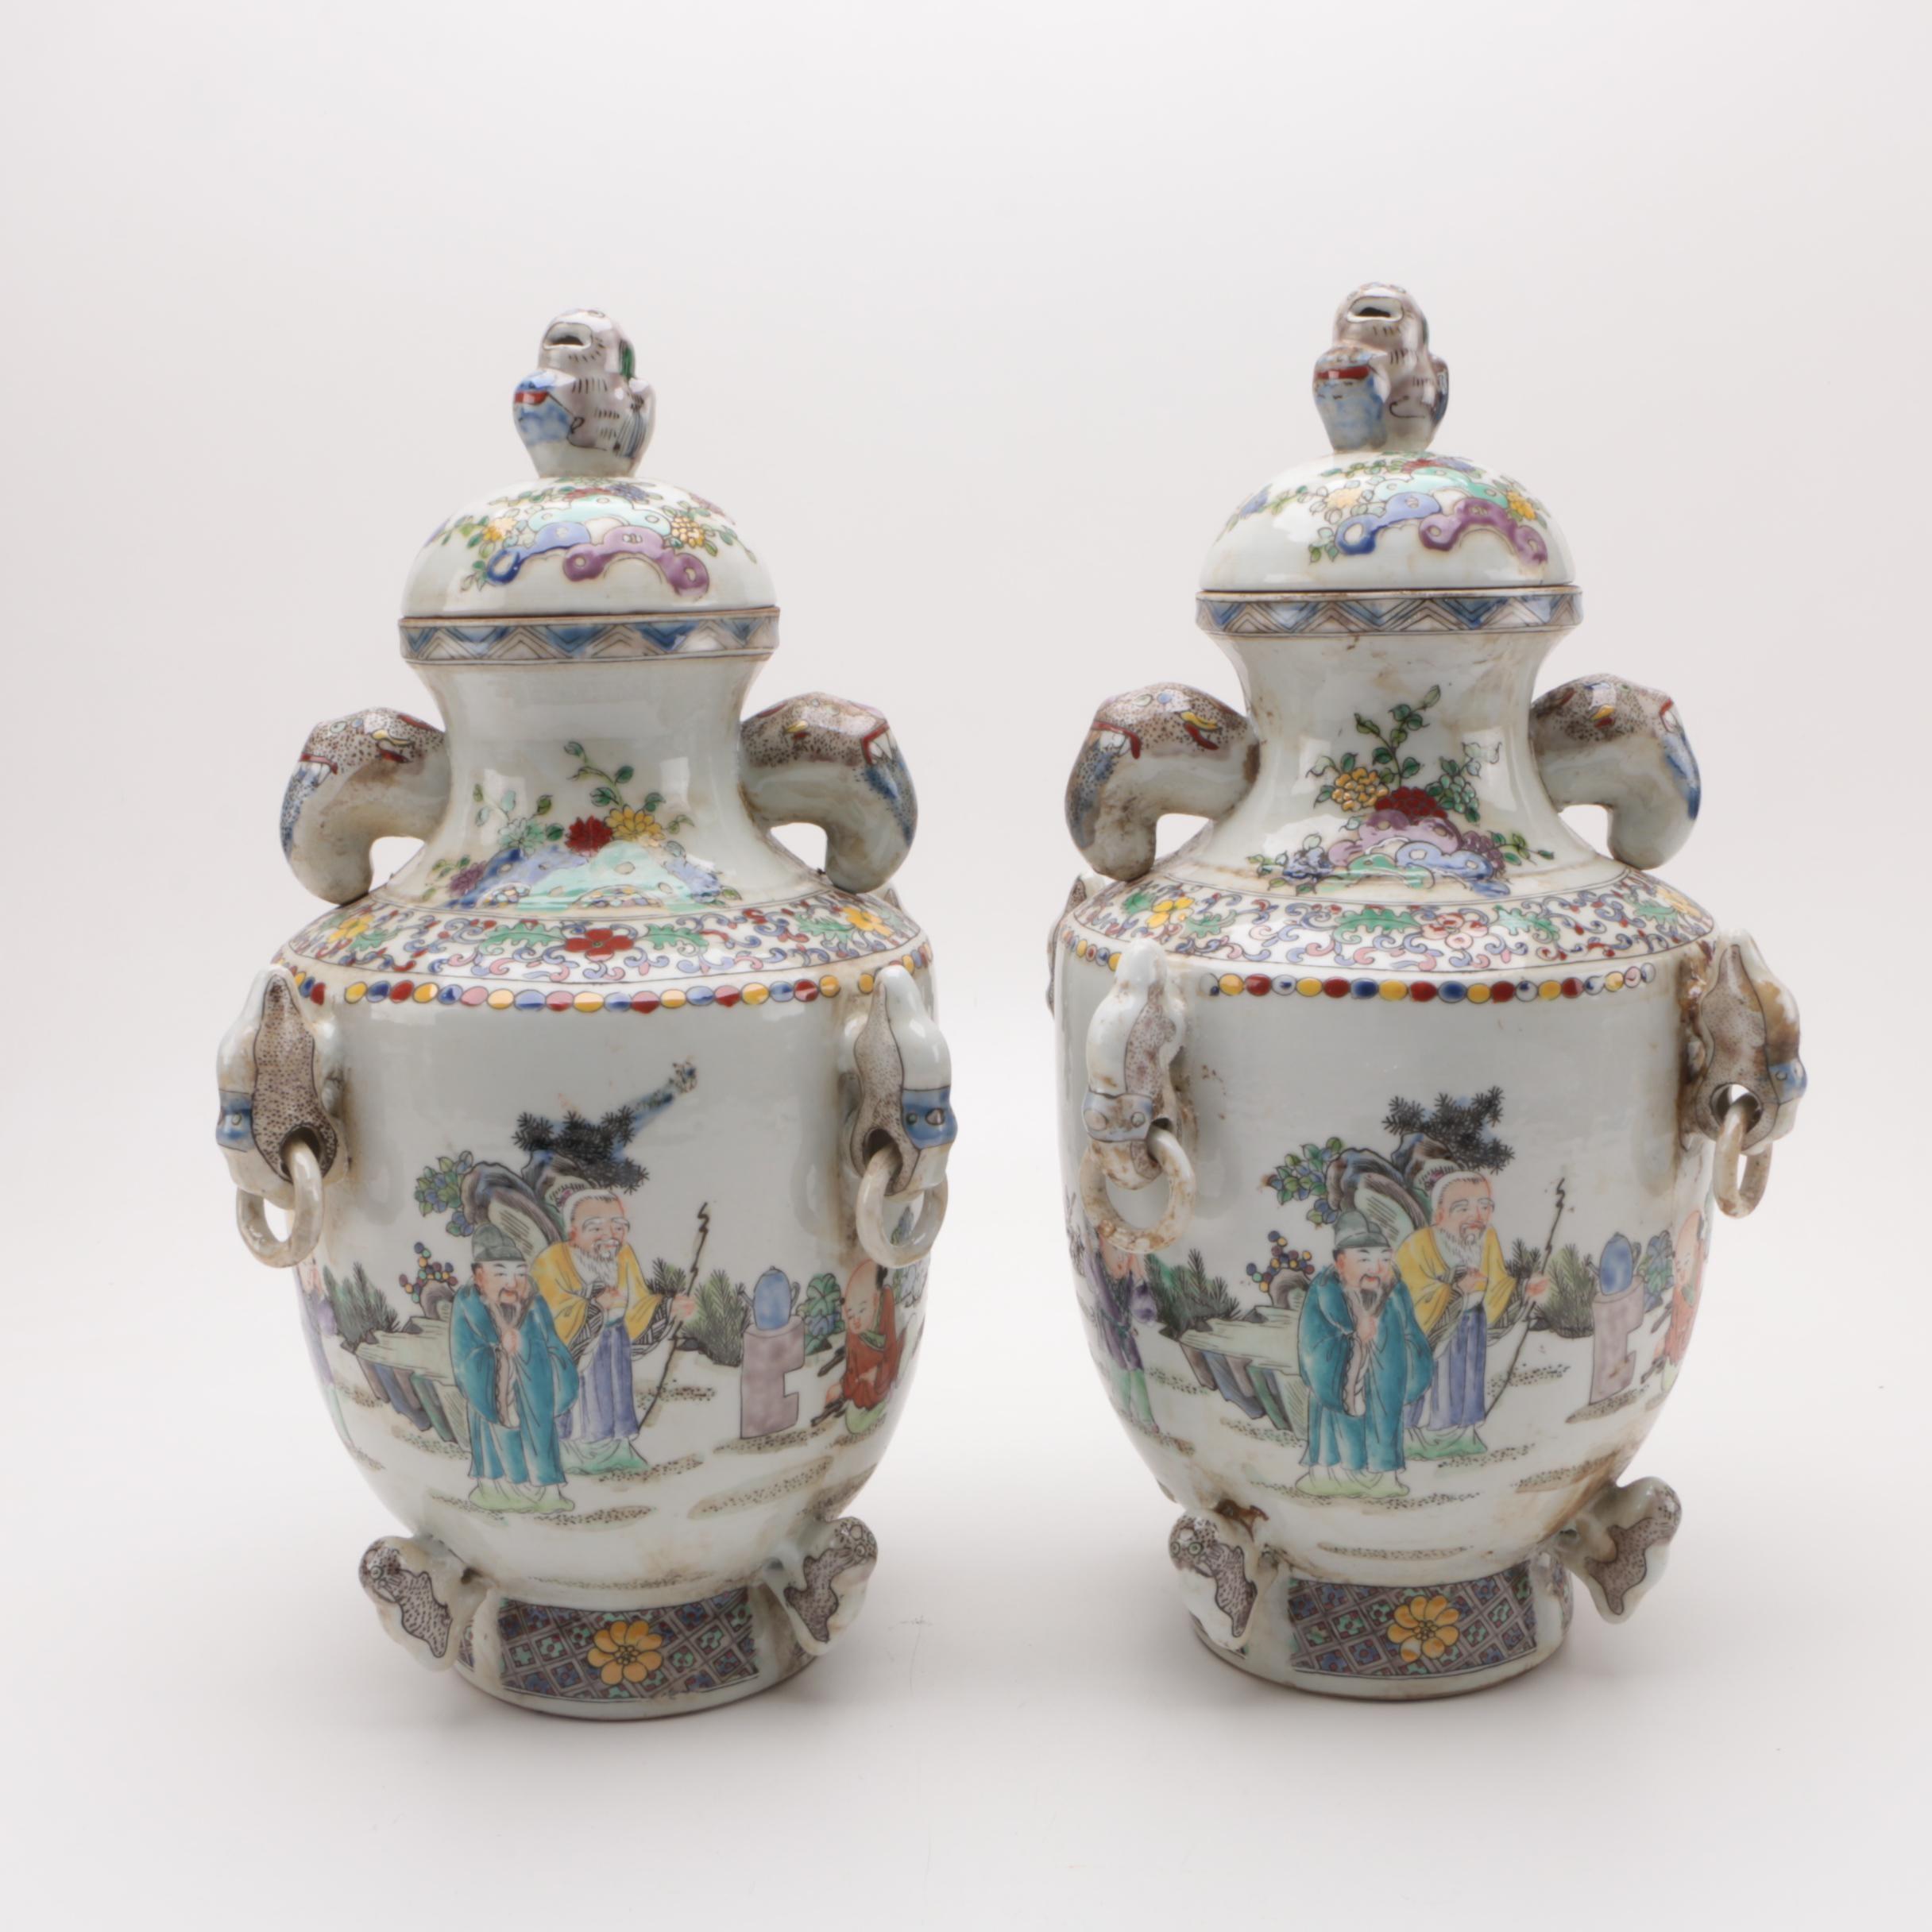 Chinese Ceramic Urns